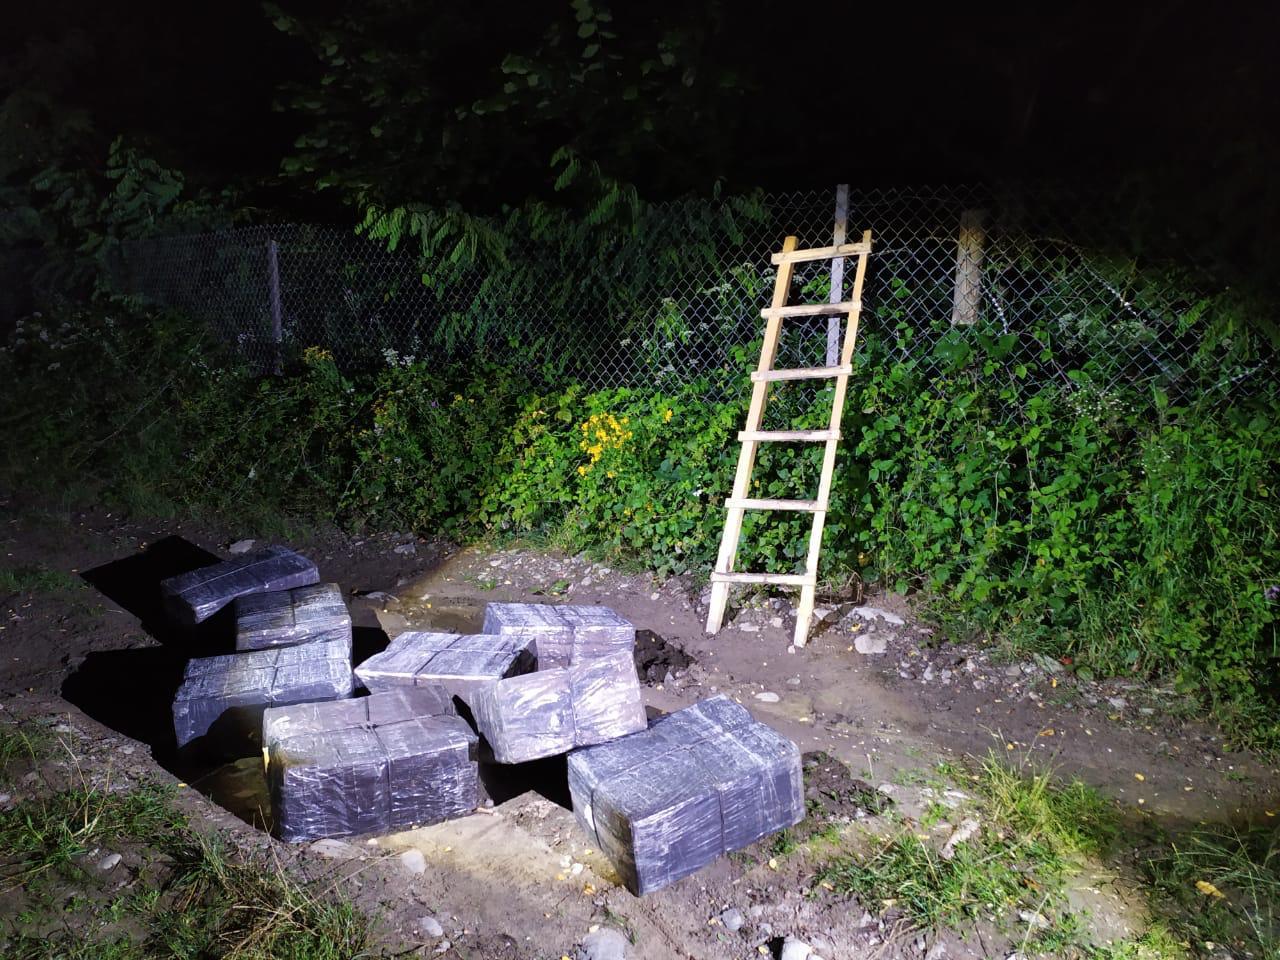 Сьогодні вночі прикордонники відділу «Ділове» Мукачівського загону припинили спробу незаконного переміщення до Румунії контрабандного тютюну.